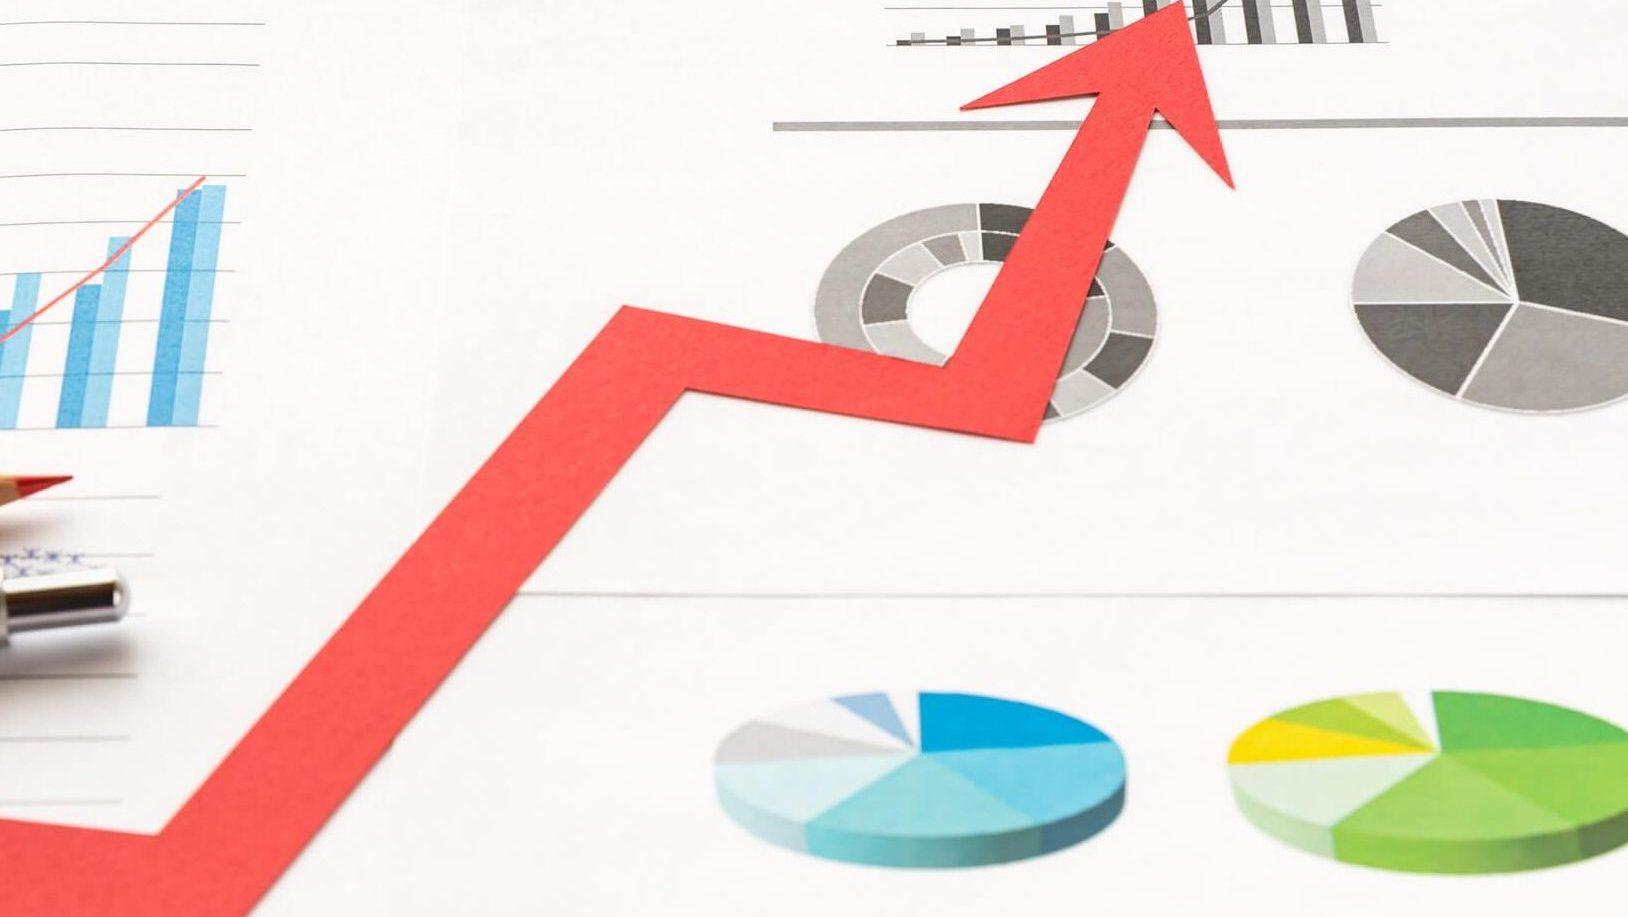 再現性の高い営業活動をするためのポイント